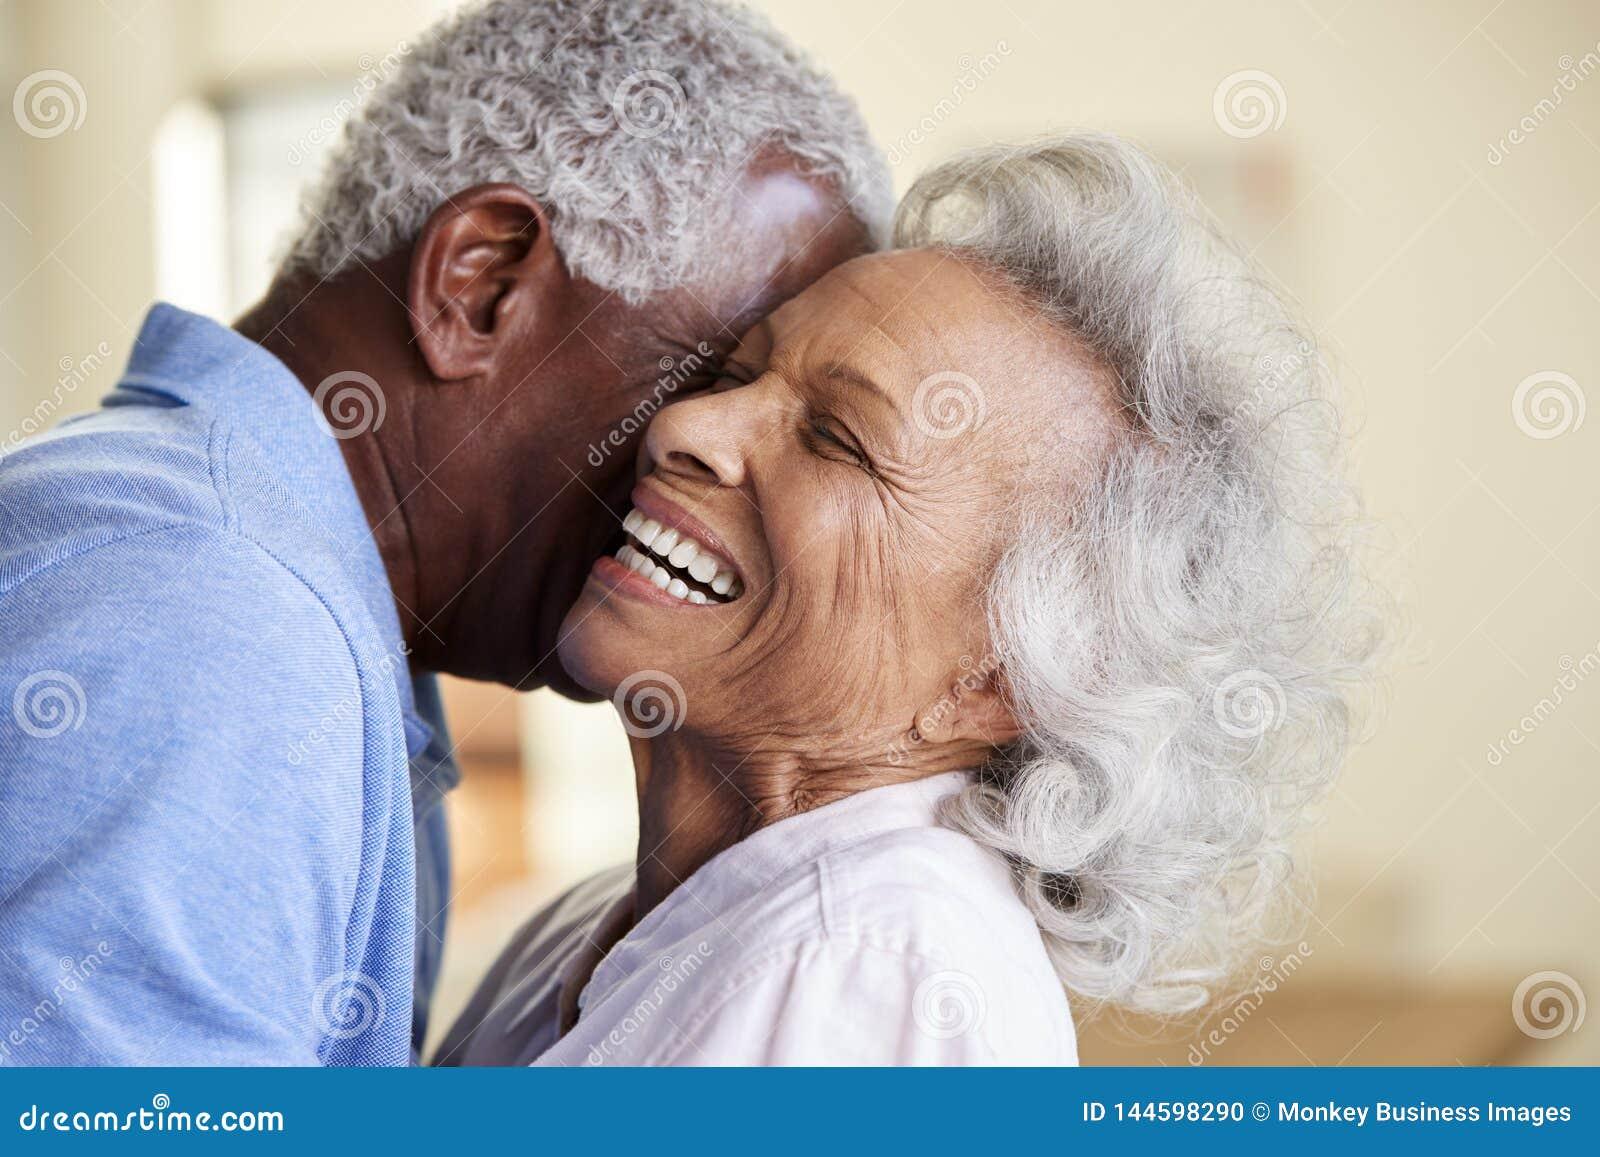 Most Secure Senior Online Dating Service In Denver